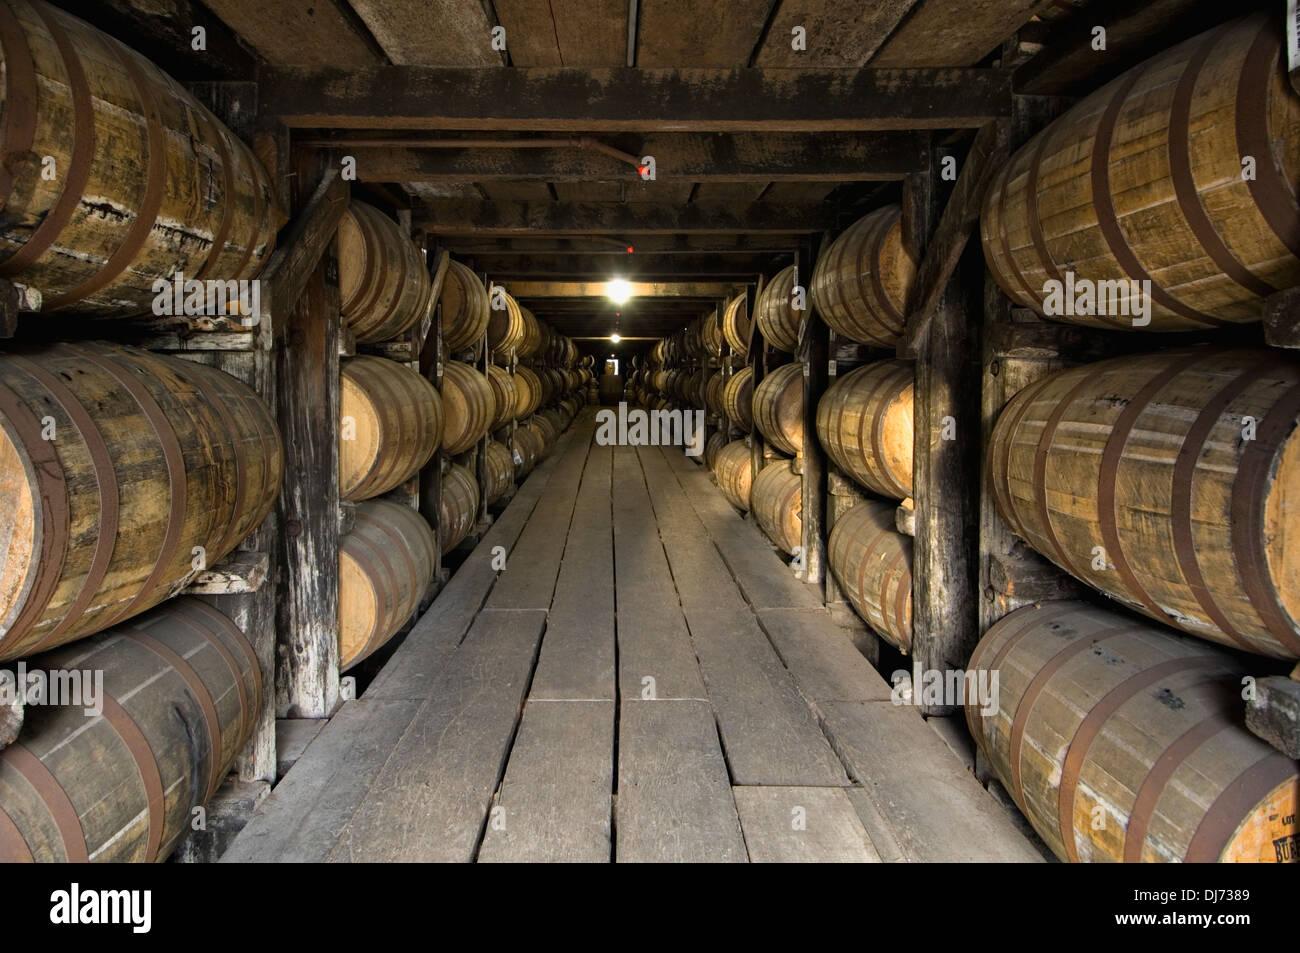 Botti di Bourbon invecchiamento in una casa Rick a Buffalo Trace Distillery a Francoforte, Kentucky Immagini Stock